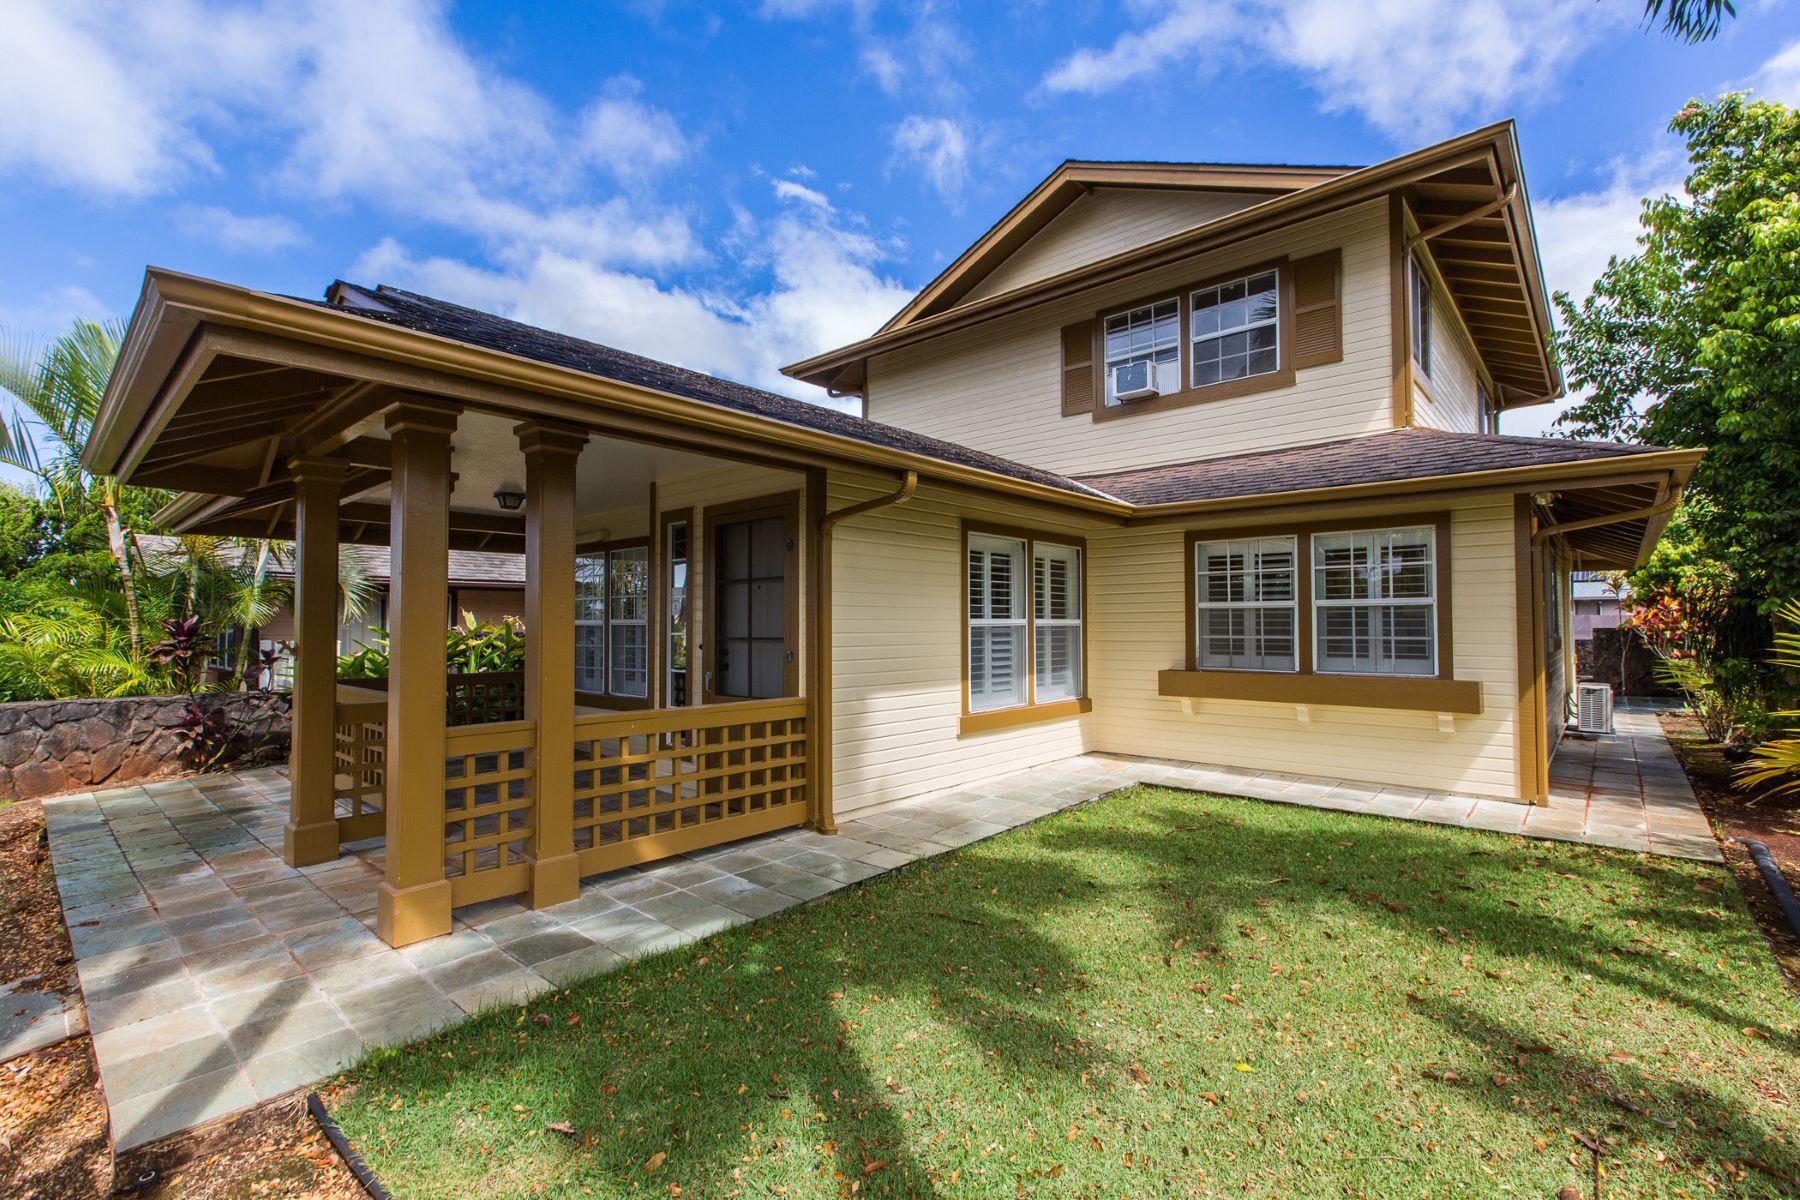 Tek Ailelik Ev için Satış at Mililani's Finest 95-1003 Puulu Street Mililani, Hawaii 96789 Amerika Birleşik Devletleri